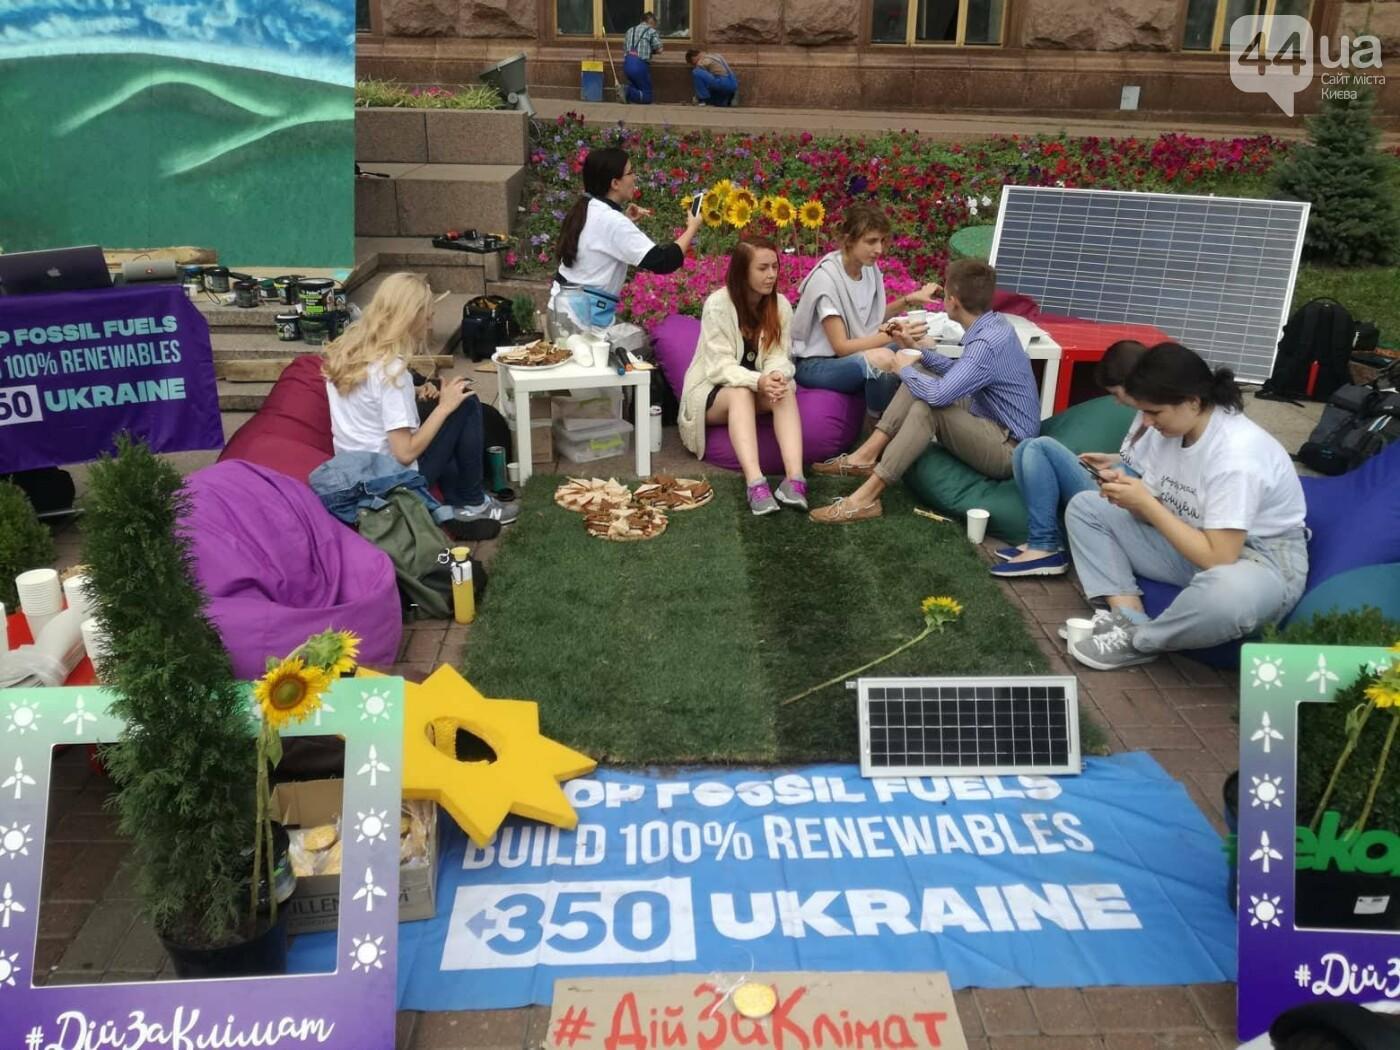 Включи солнце: в центре Киева проходит экологическая акция, - ФОТО, фото-5